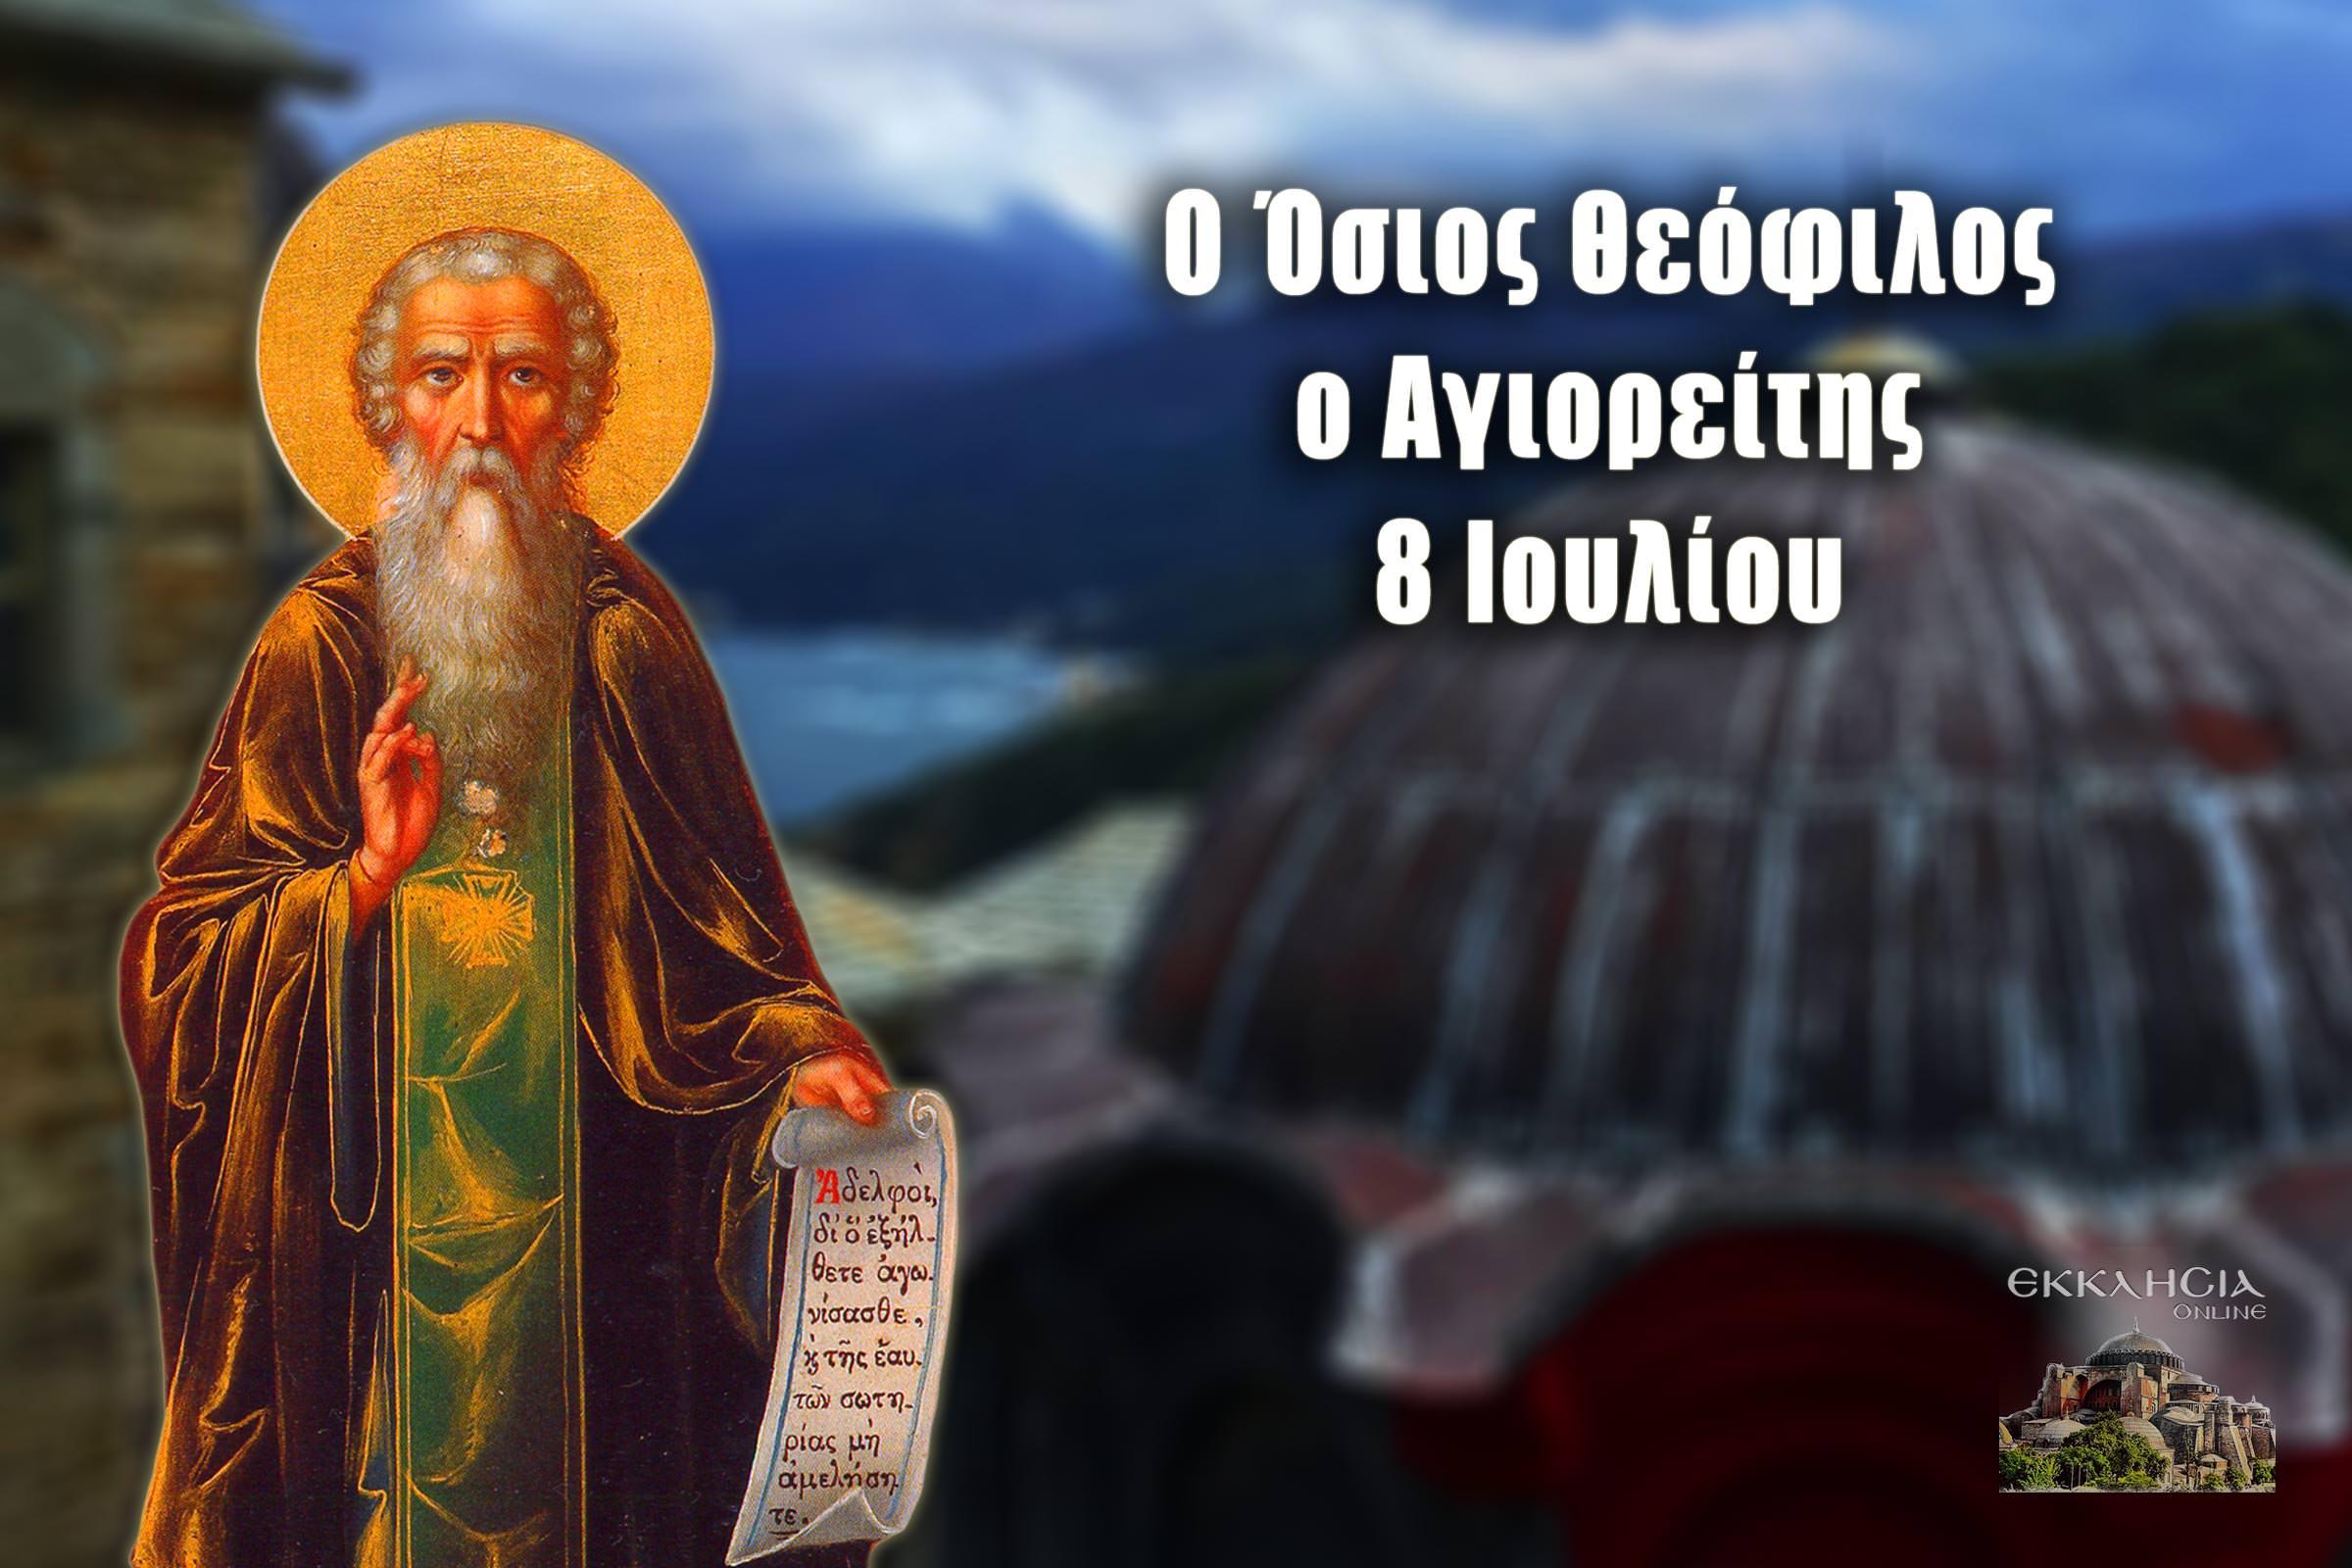 Όσιος Θεόφιλος ο Αγιορείτης Ζίχνης 8 Ιουλίου